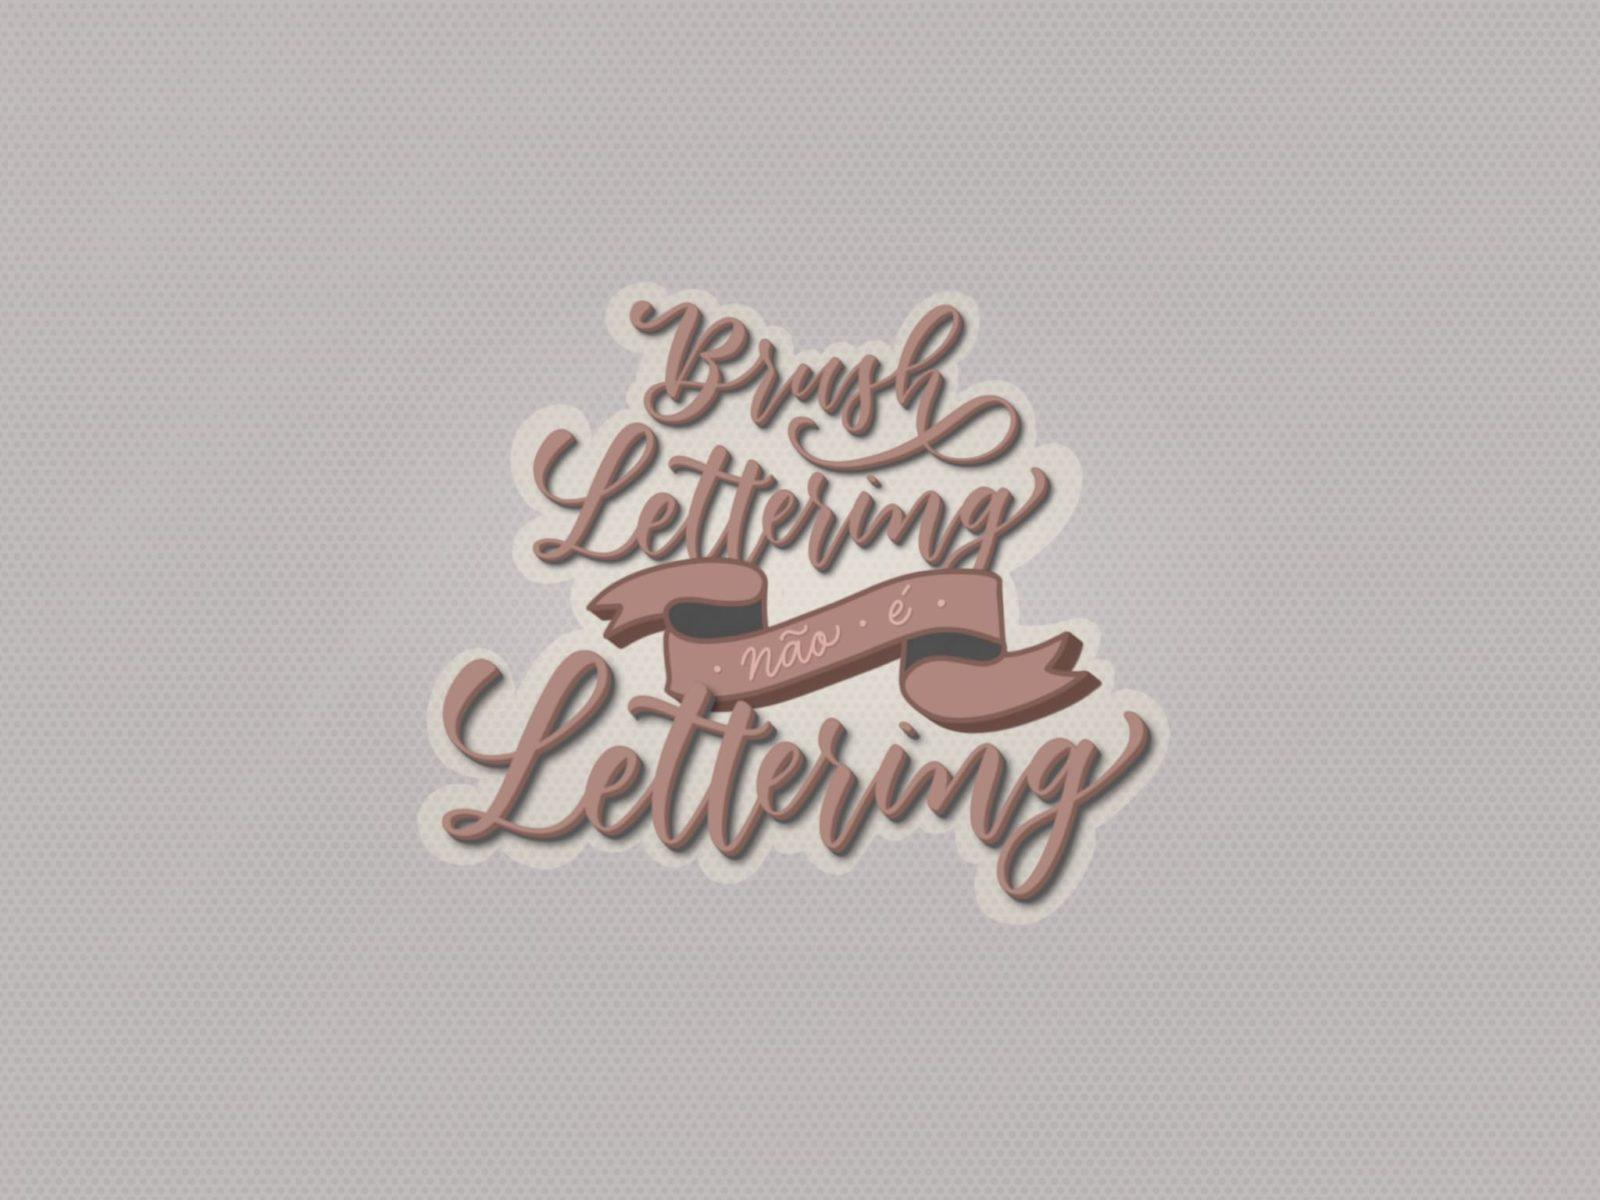 Arte digital com a frase Brush lettering não é lettering escrita em caligrafia moderna